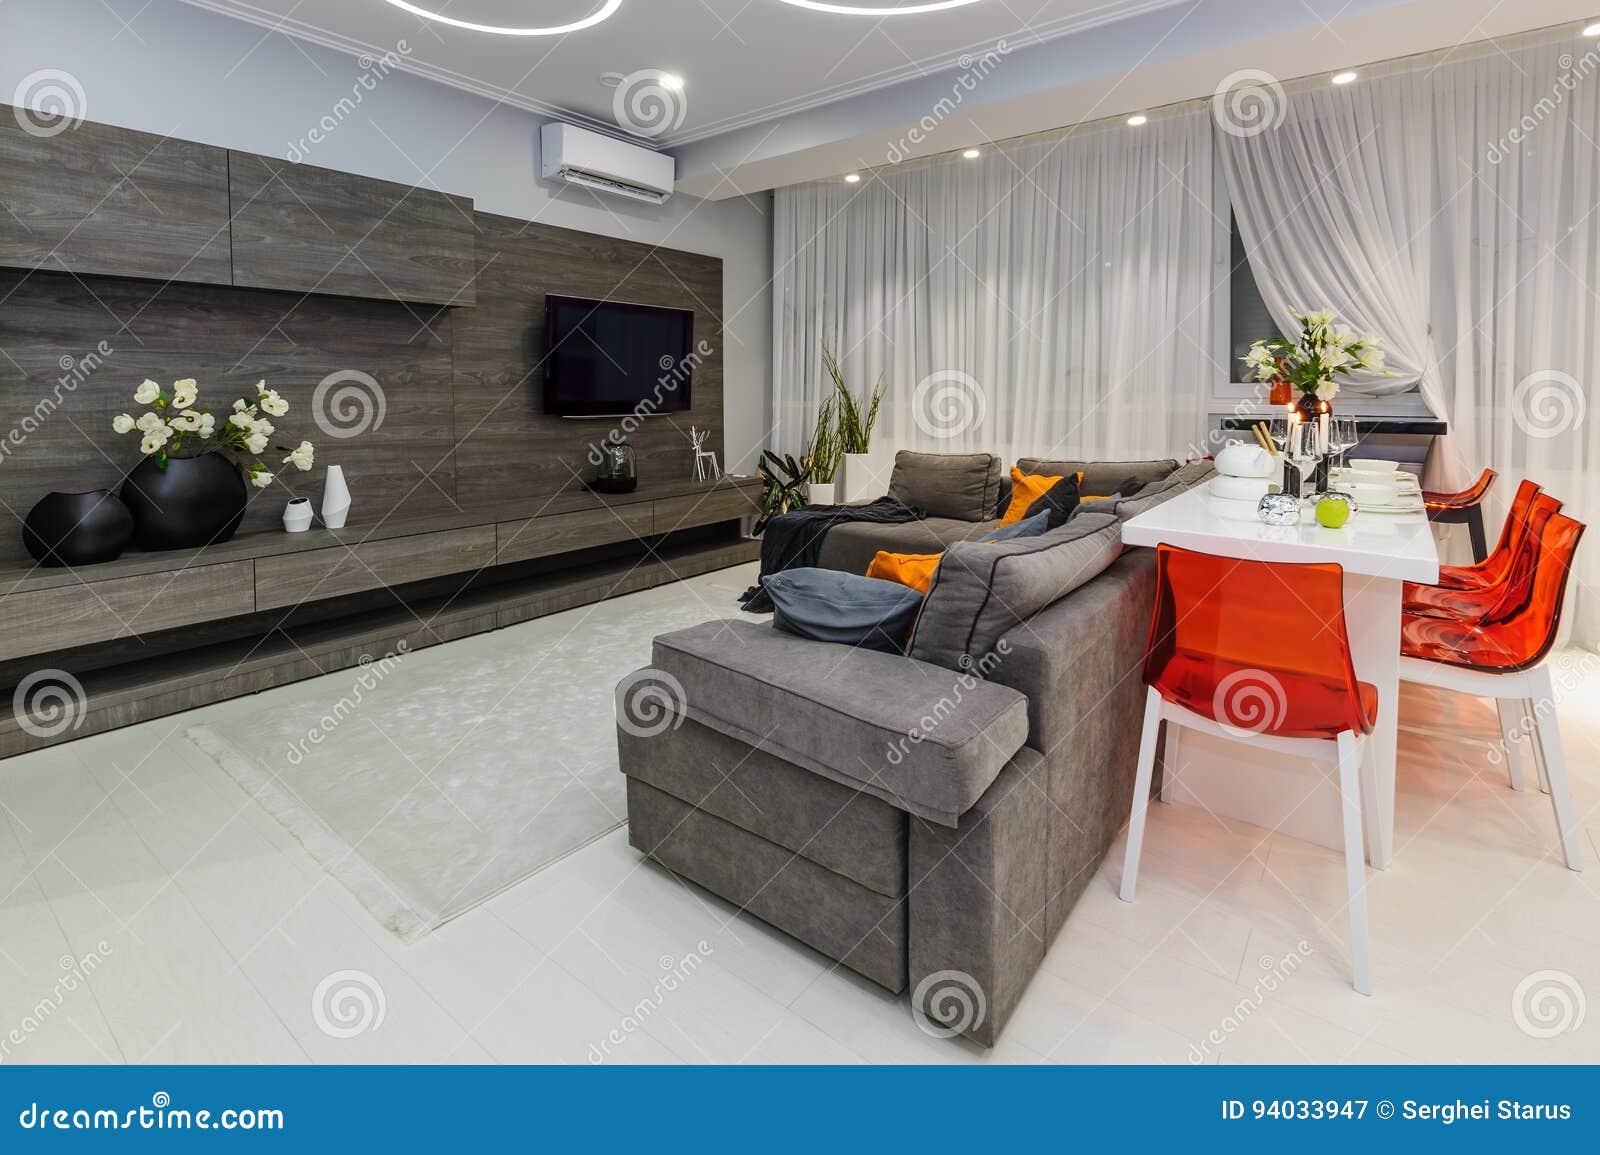 Modernes Weisses Wohnzimmer Mit Speisetische Stockbild Bild Von